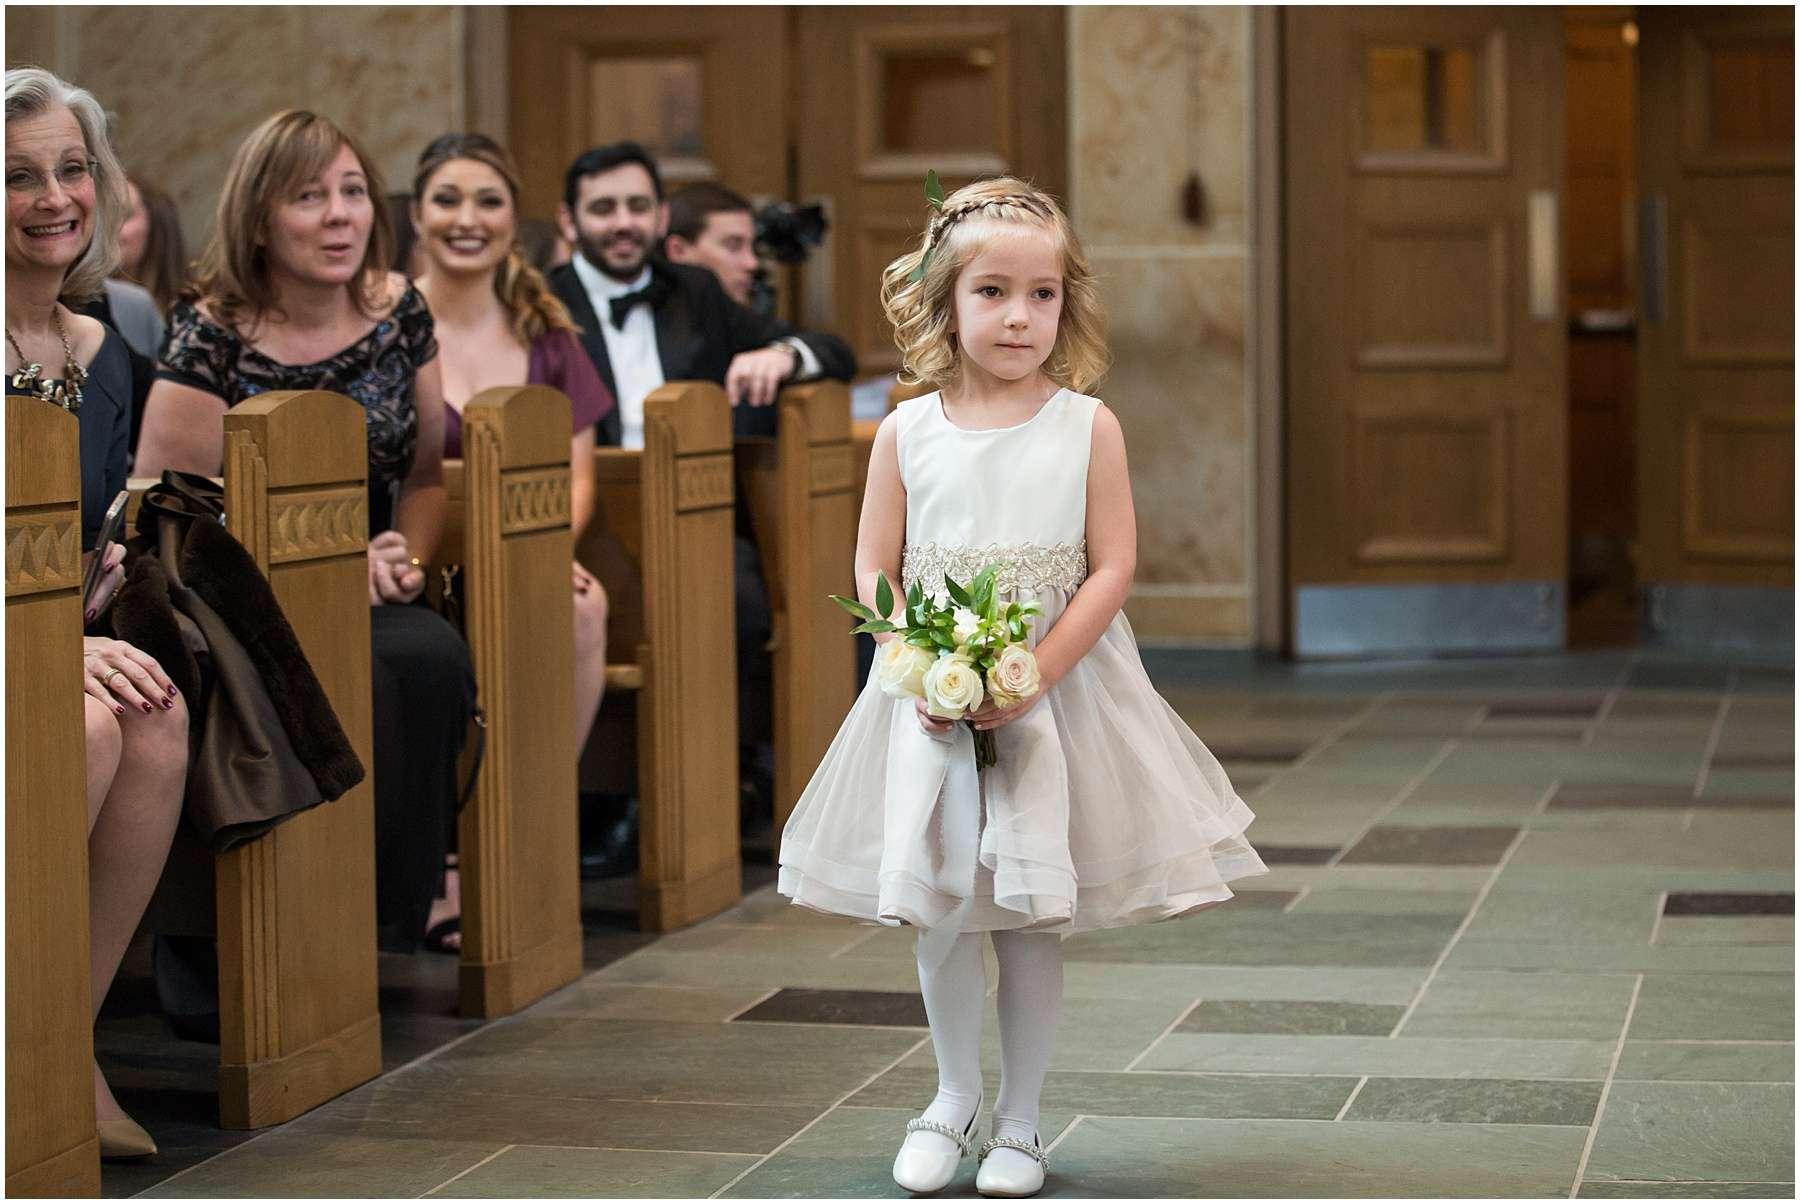 Wedding at the Ohio Statehouse | Columbus Ohio Weddings 76